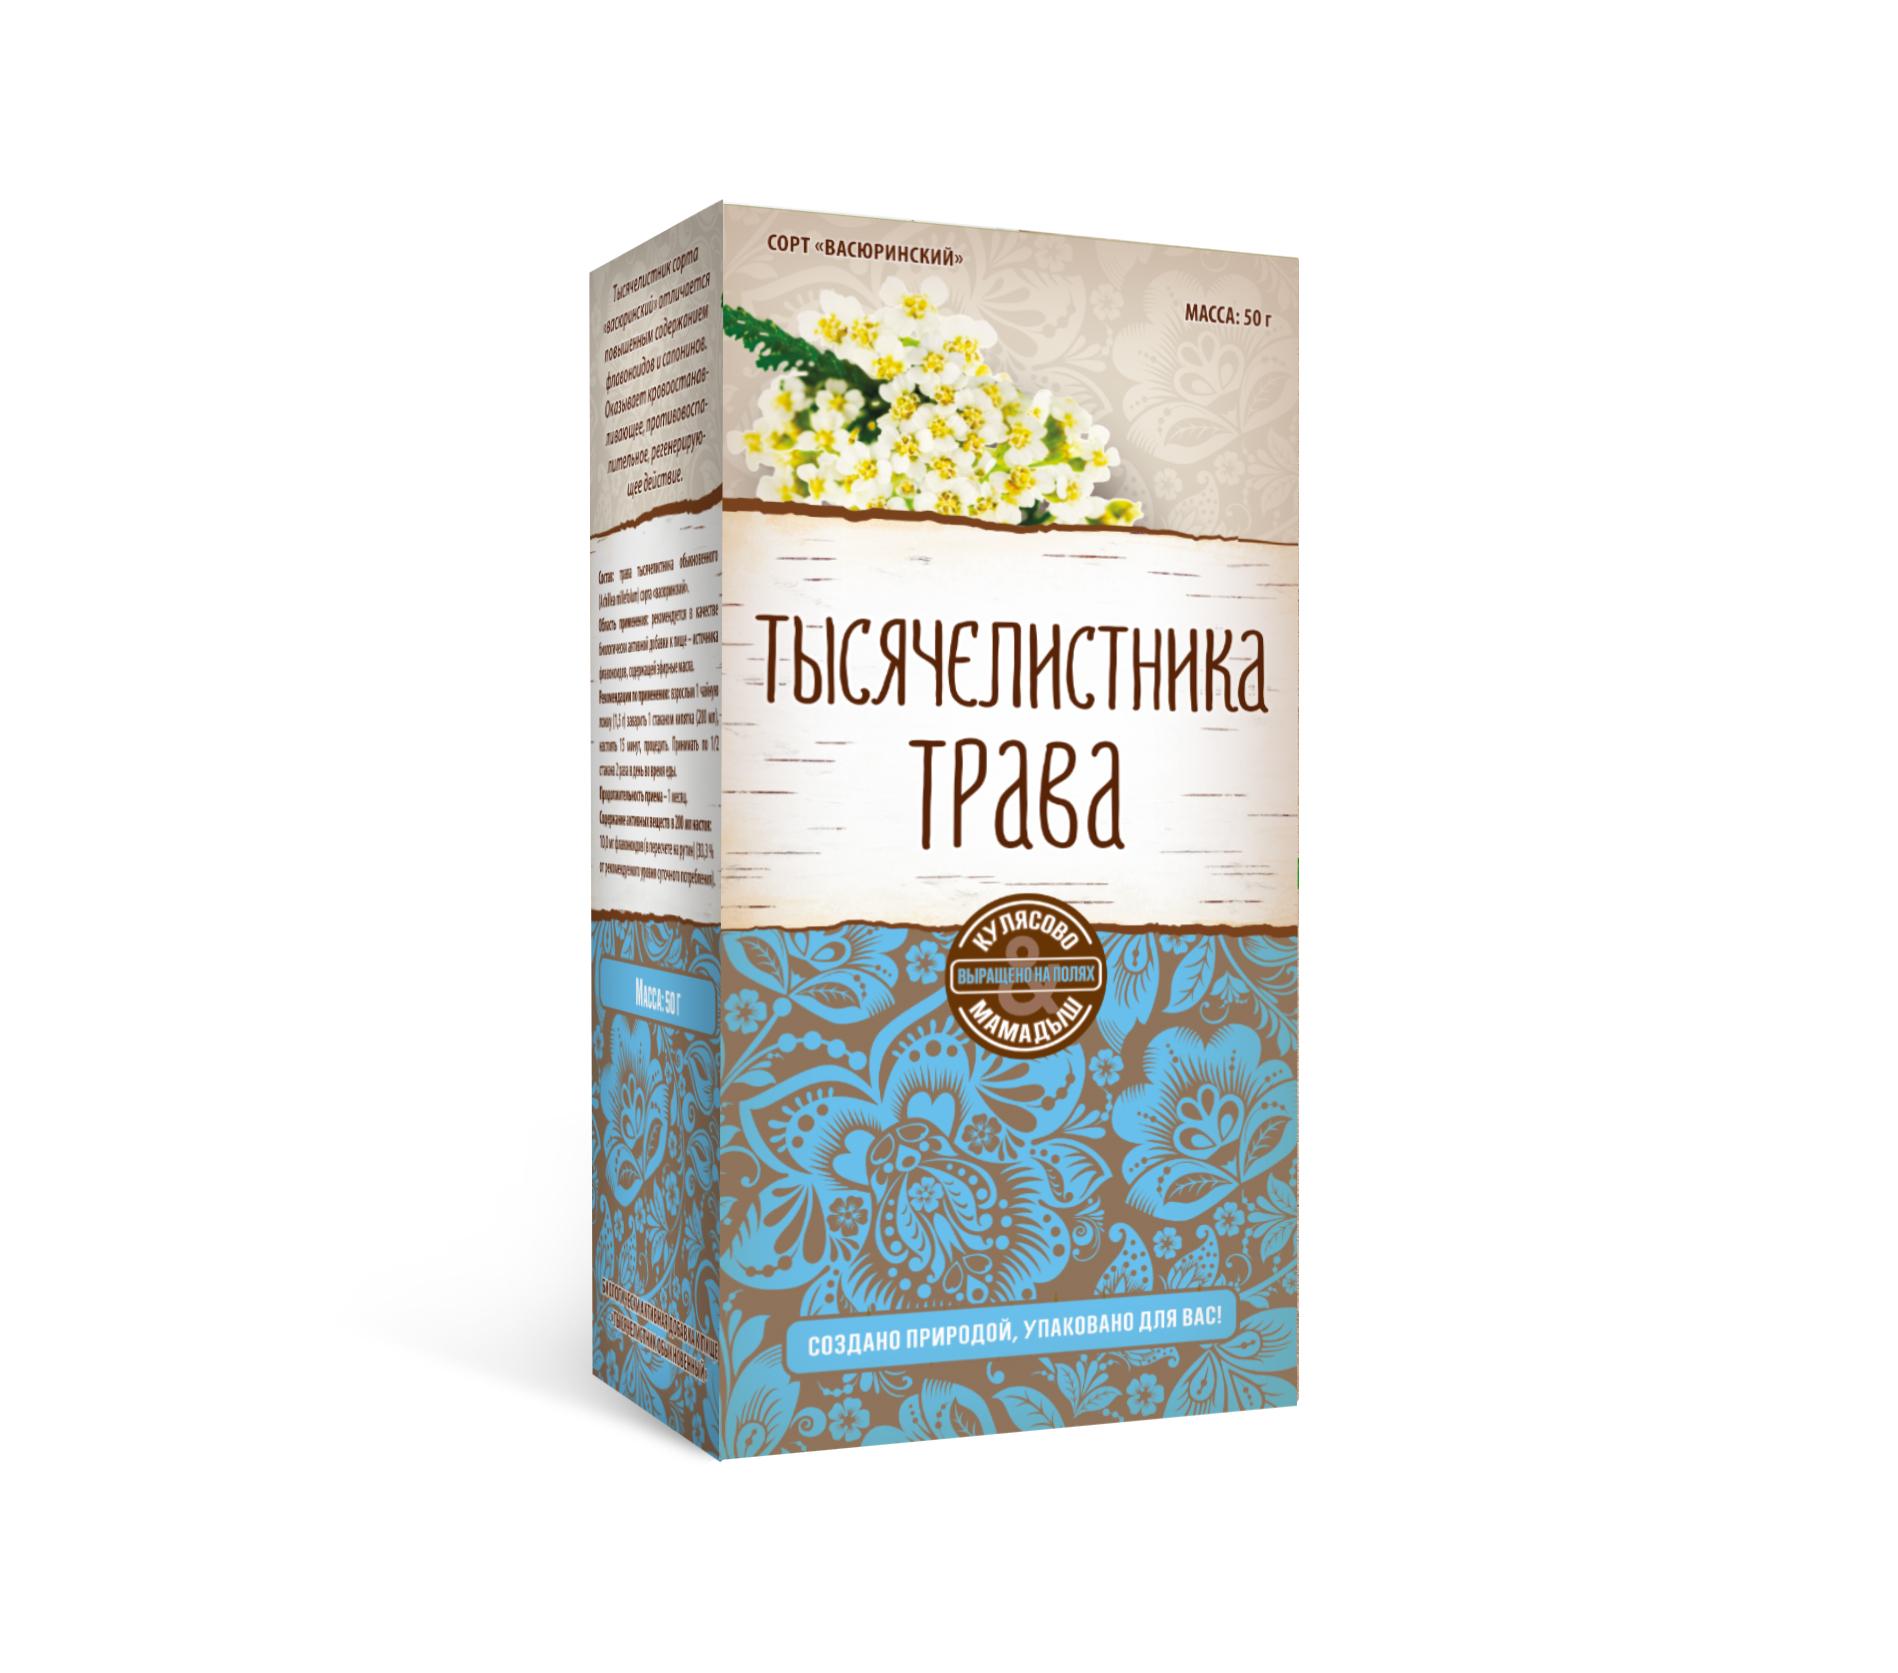 Тысячелистника трава (россыпь): описание, инструкция по применению